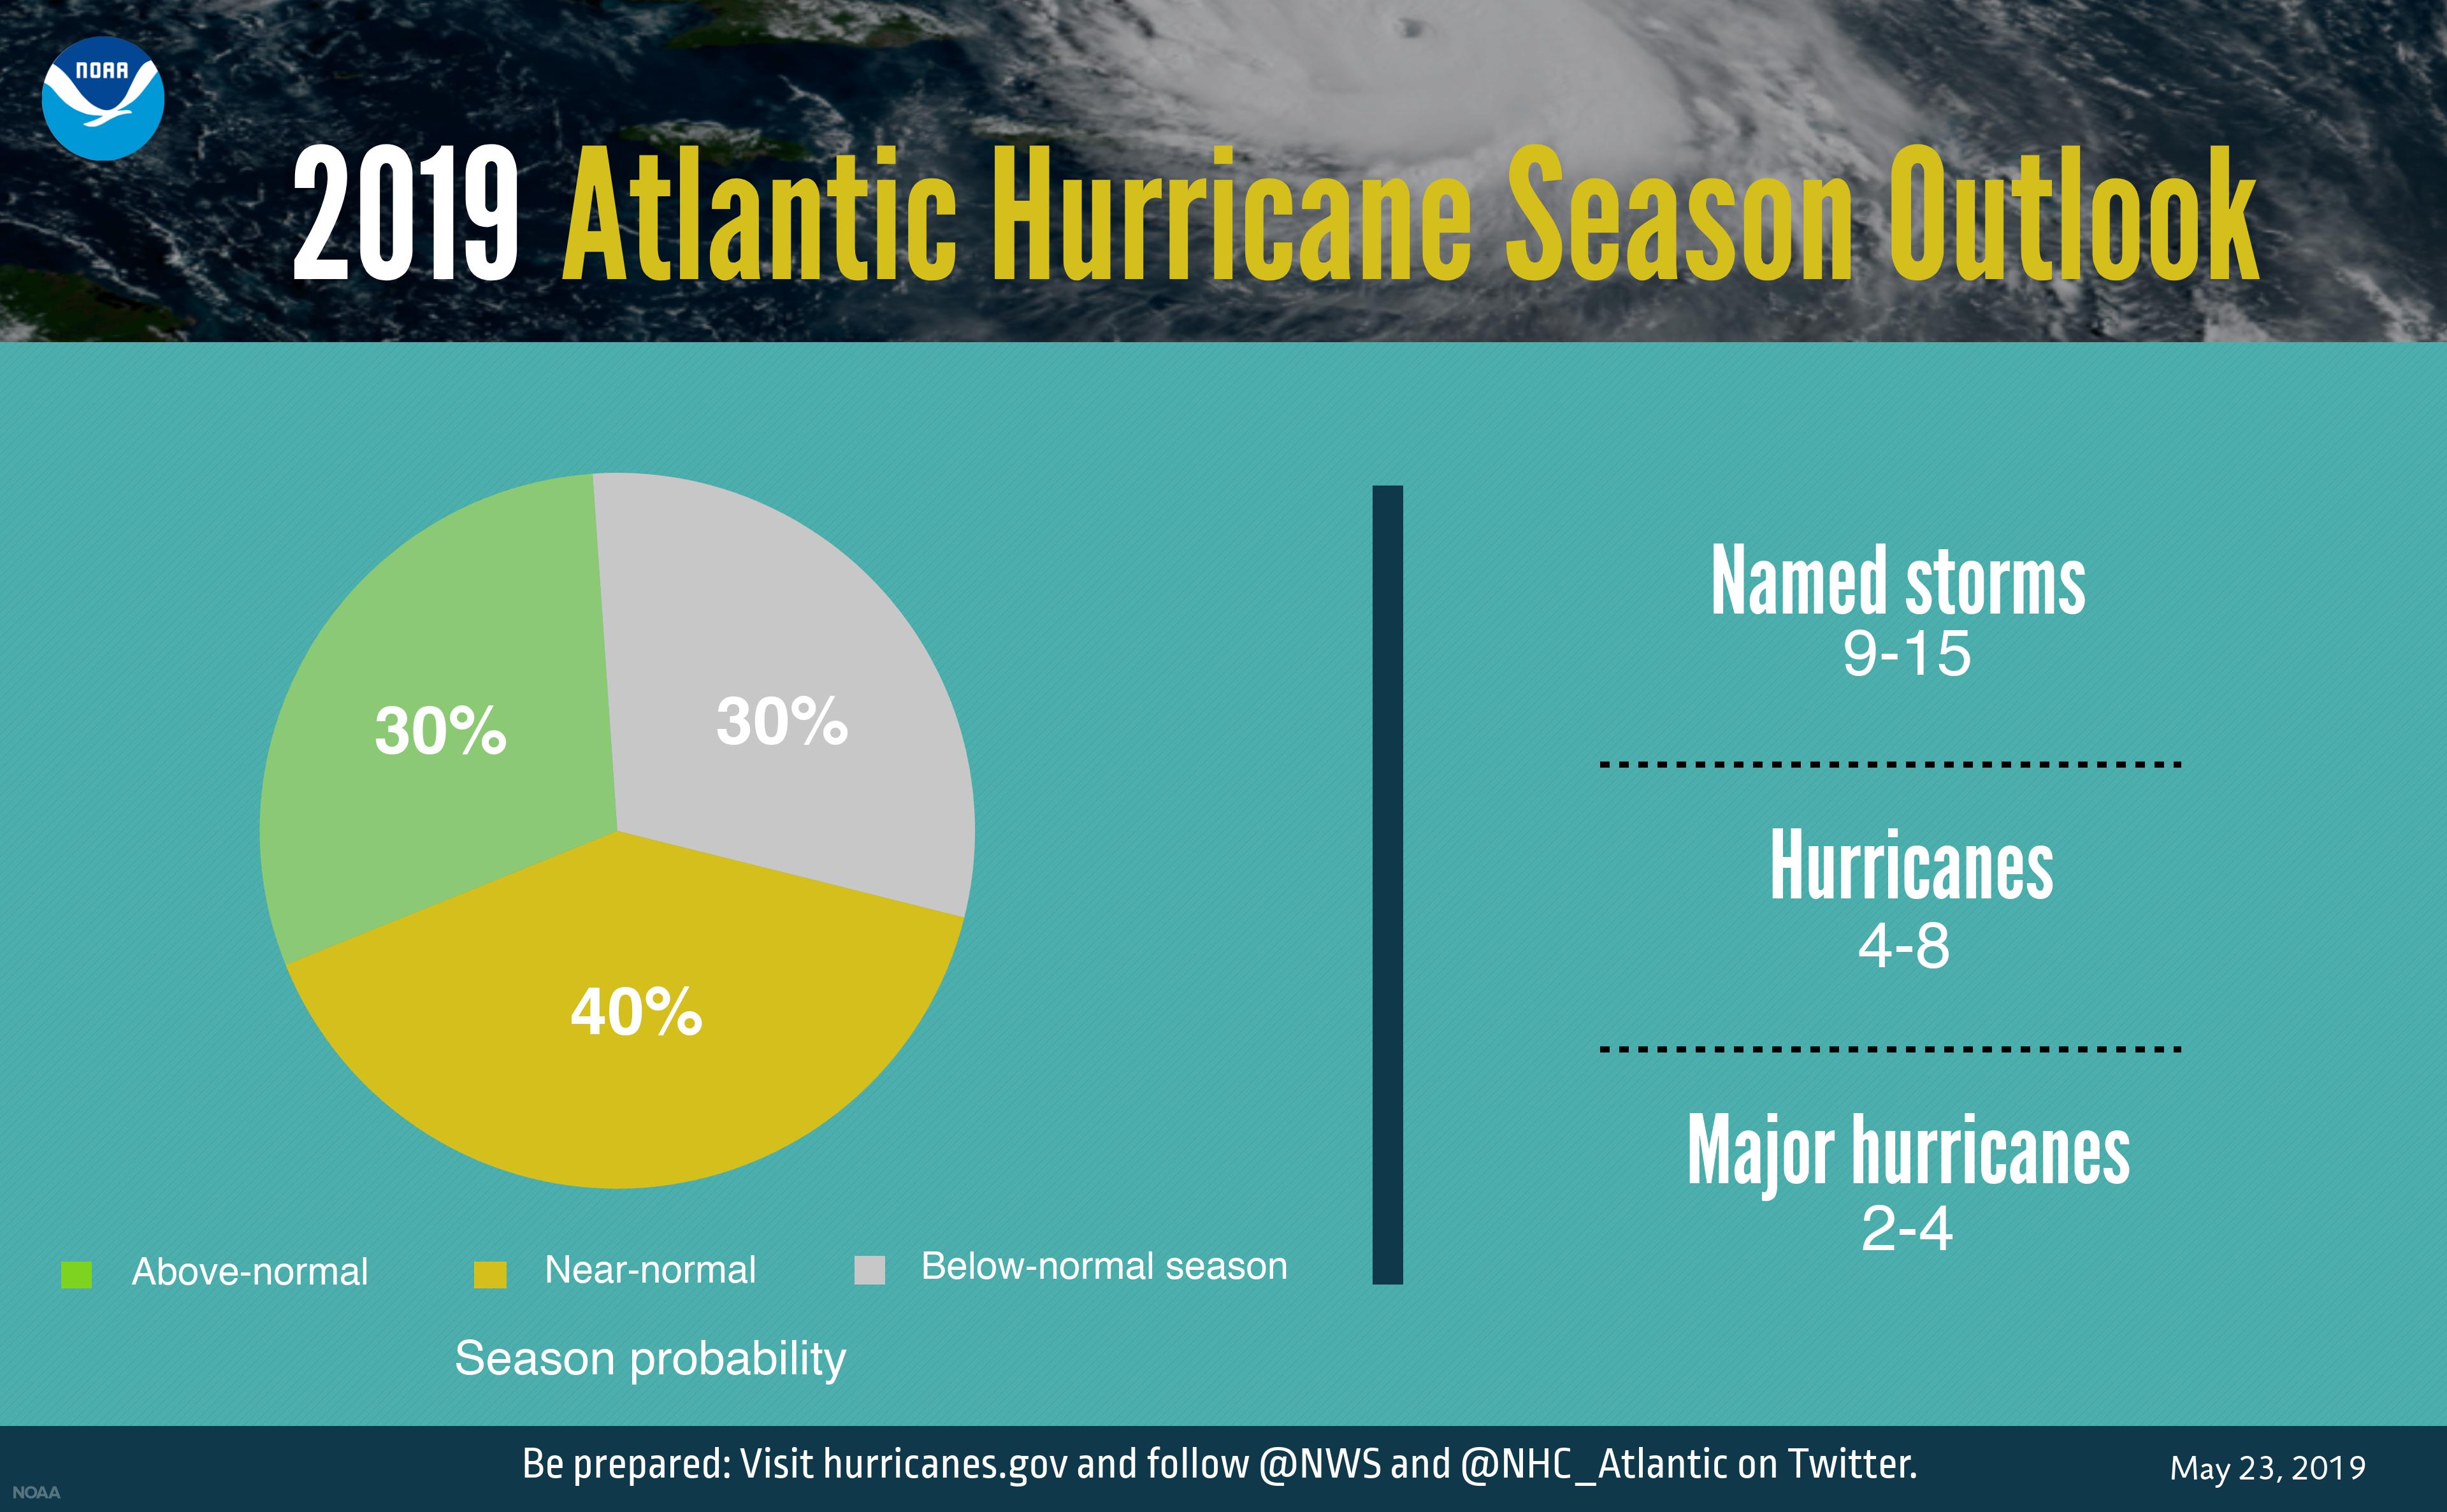 2019 Hurricane Season Outlook